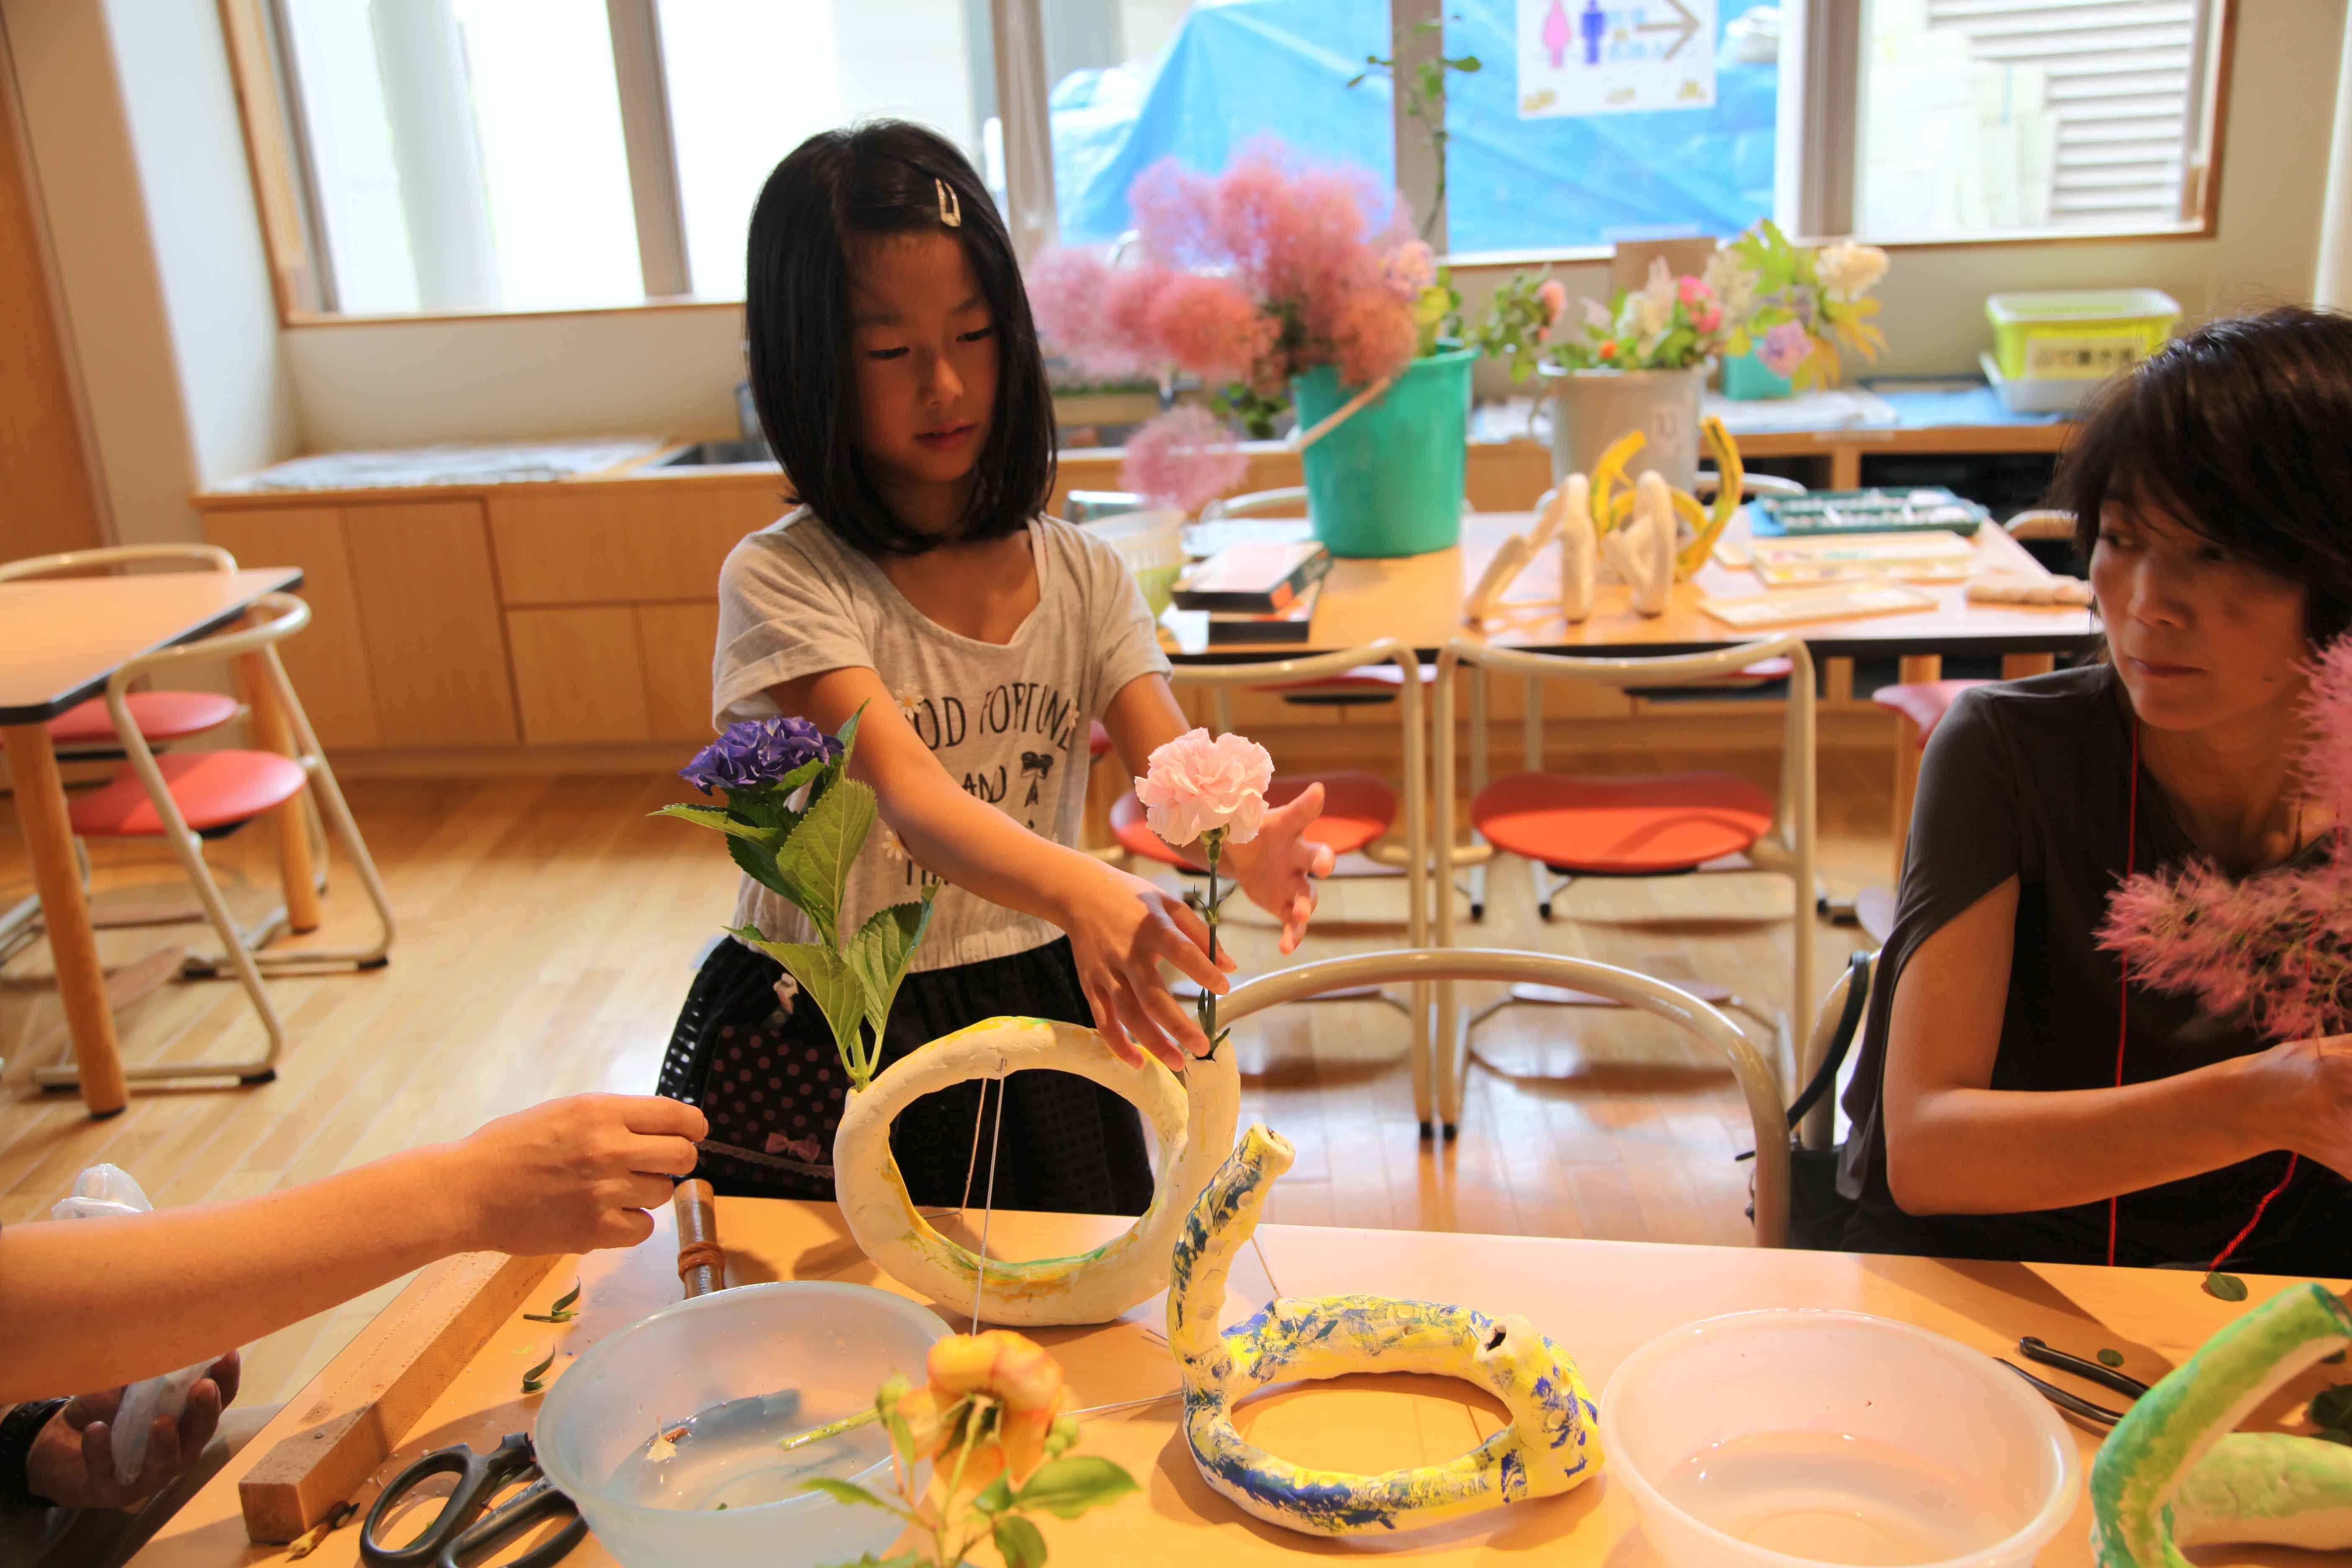 館長メモリーⅣ「親子で現代アートいけばなにチャレンジ:世界に一つのアンフォルメル花器づくりと季節のいけばな!」参観記